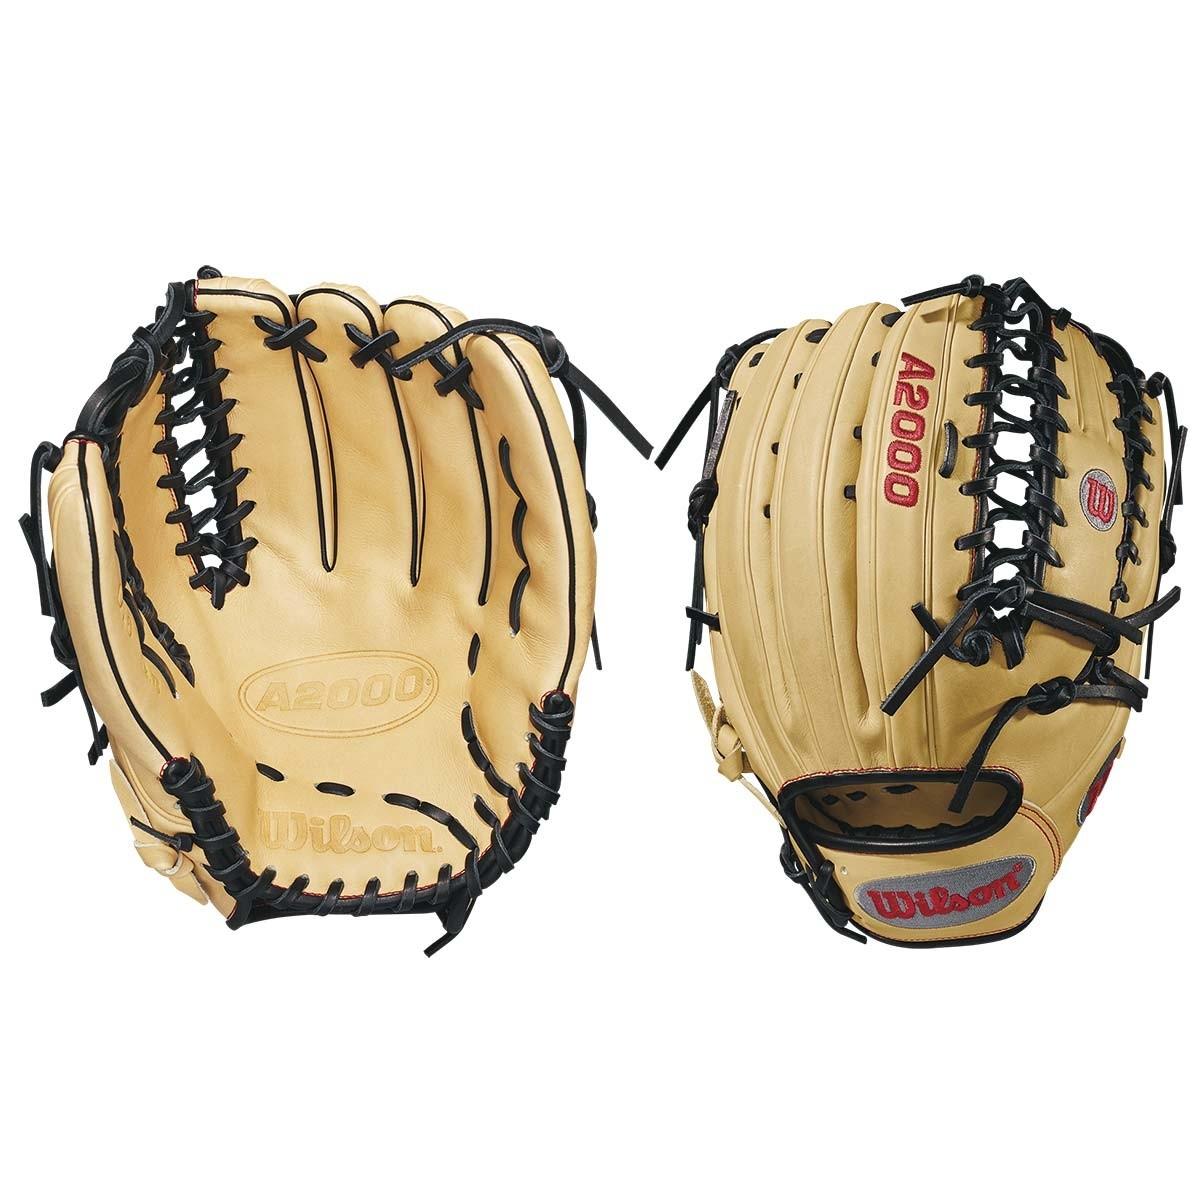 Wilson 12 75 Quot A2000 Baseball Glove Wta20rb180t6 A28 327